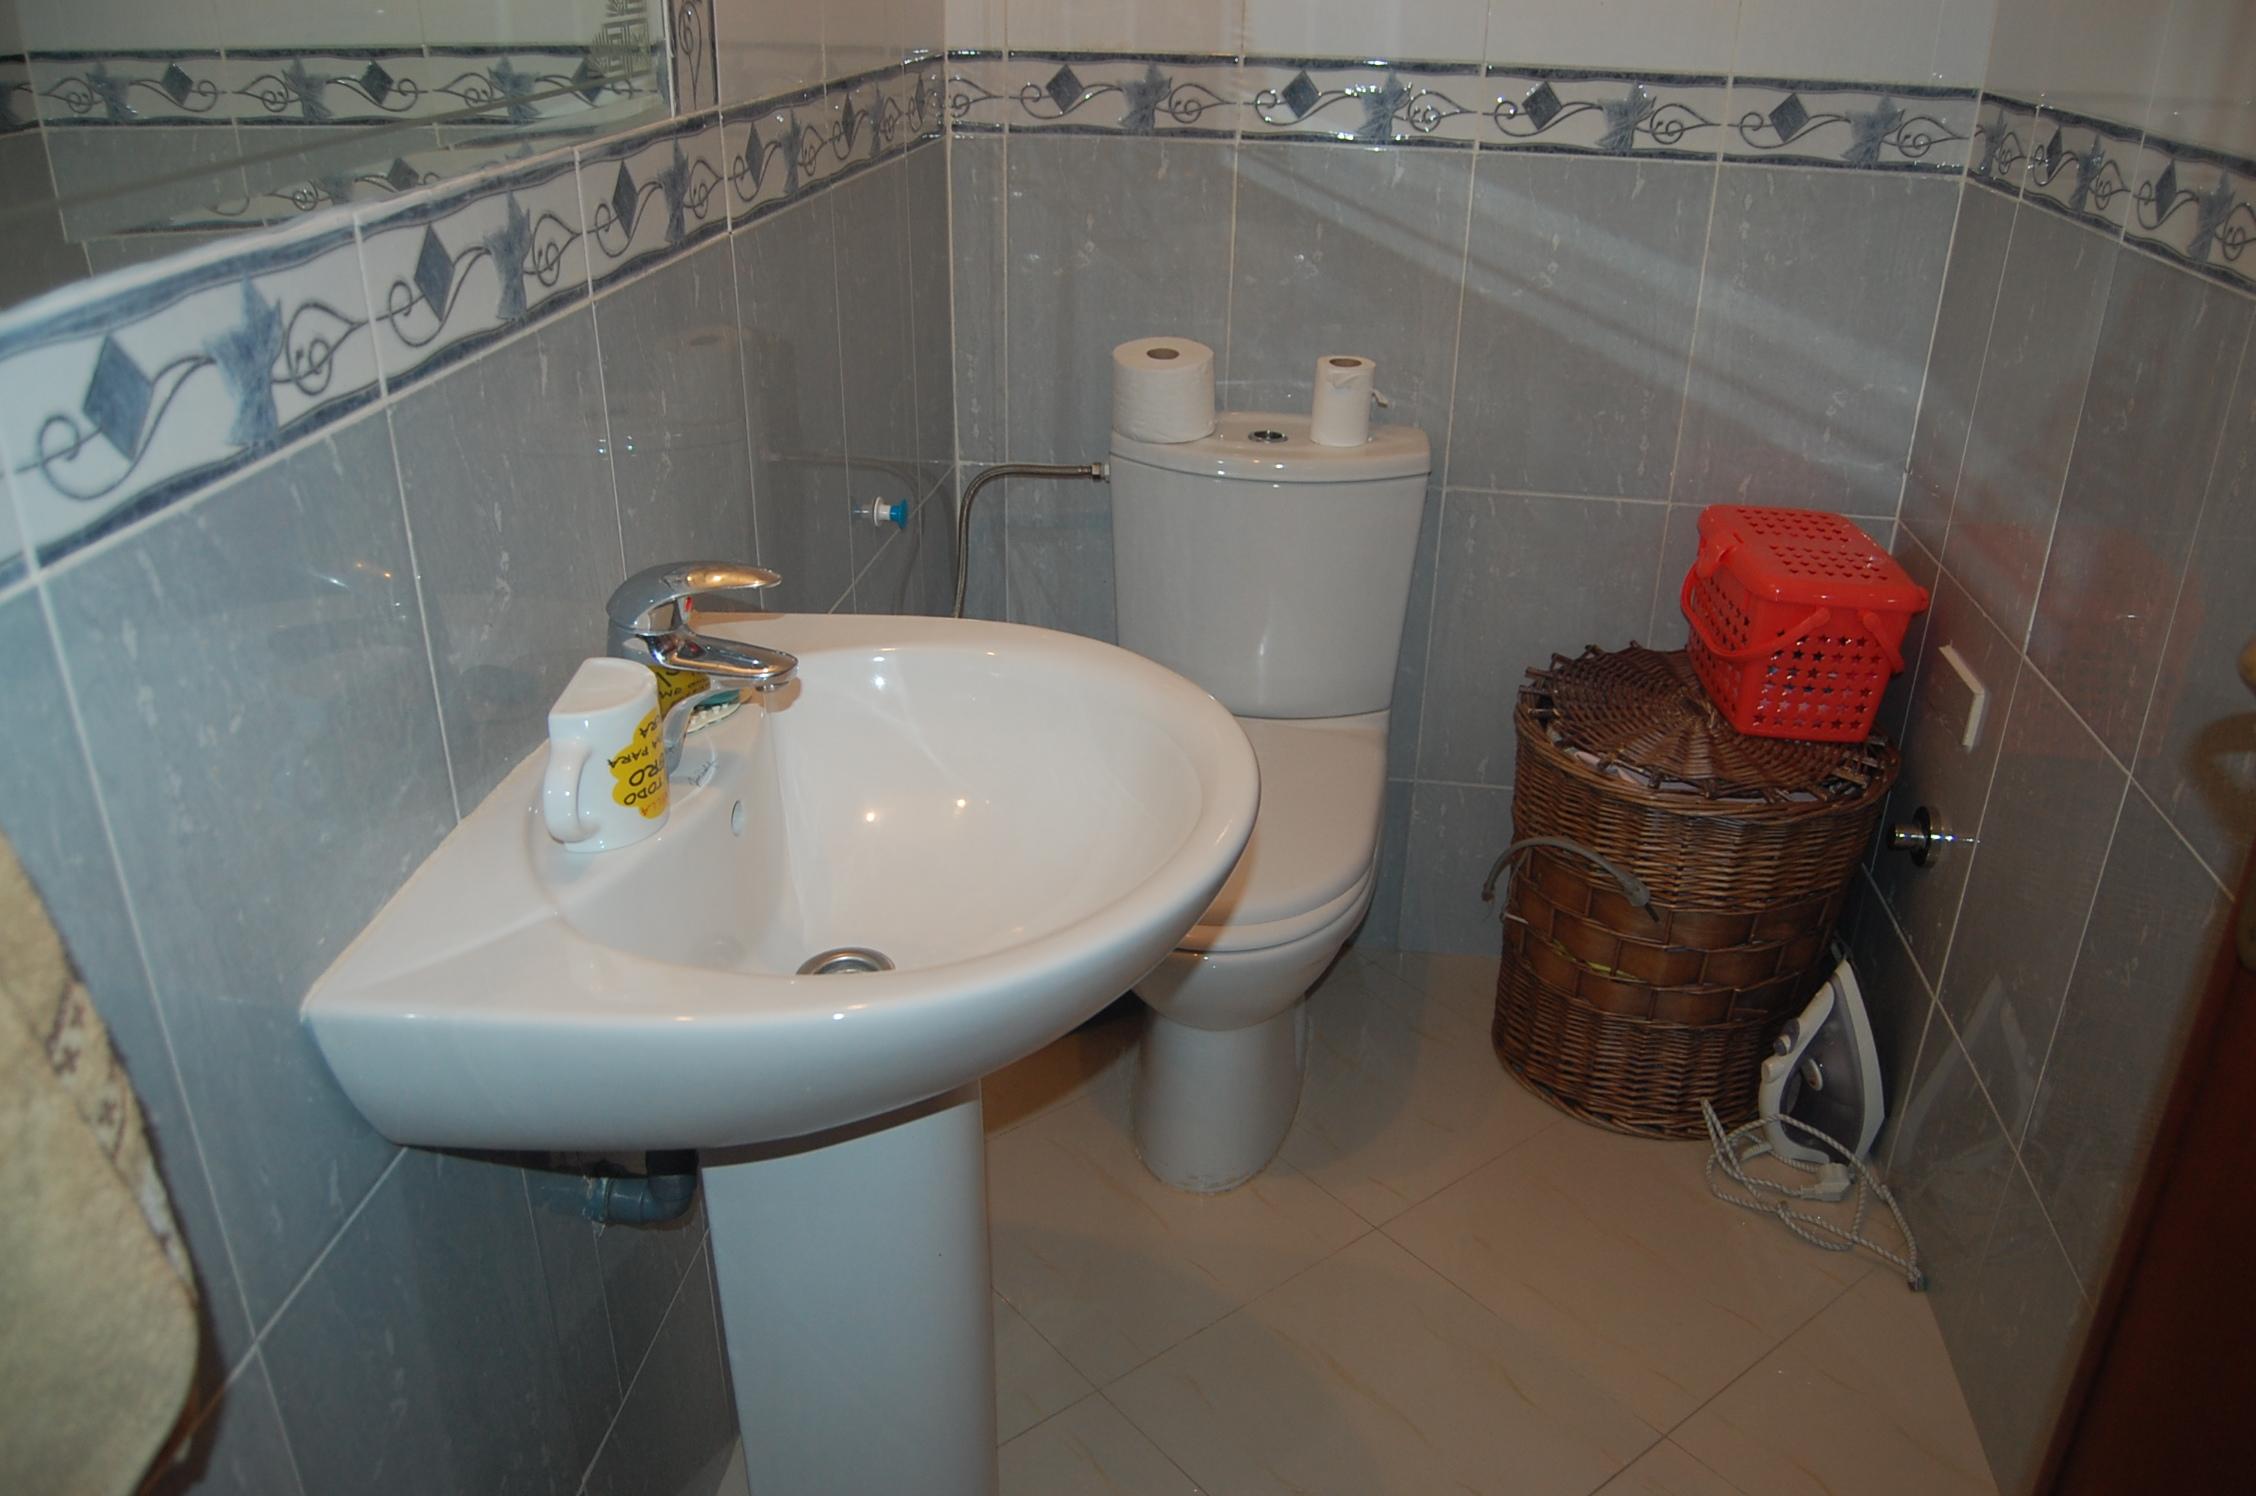 8-vente-appartement-tanger-route-de-tetouan-toilette-de-service-va460-villart-immo